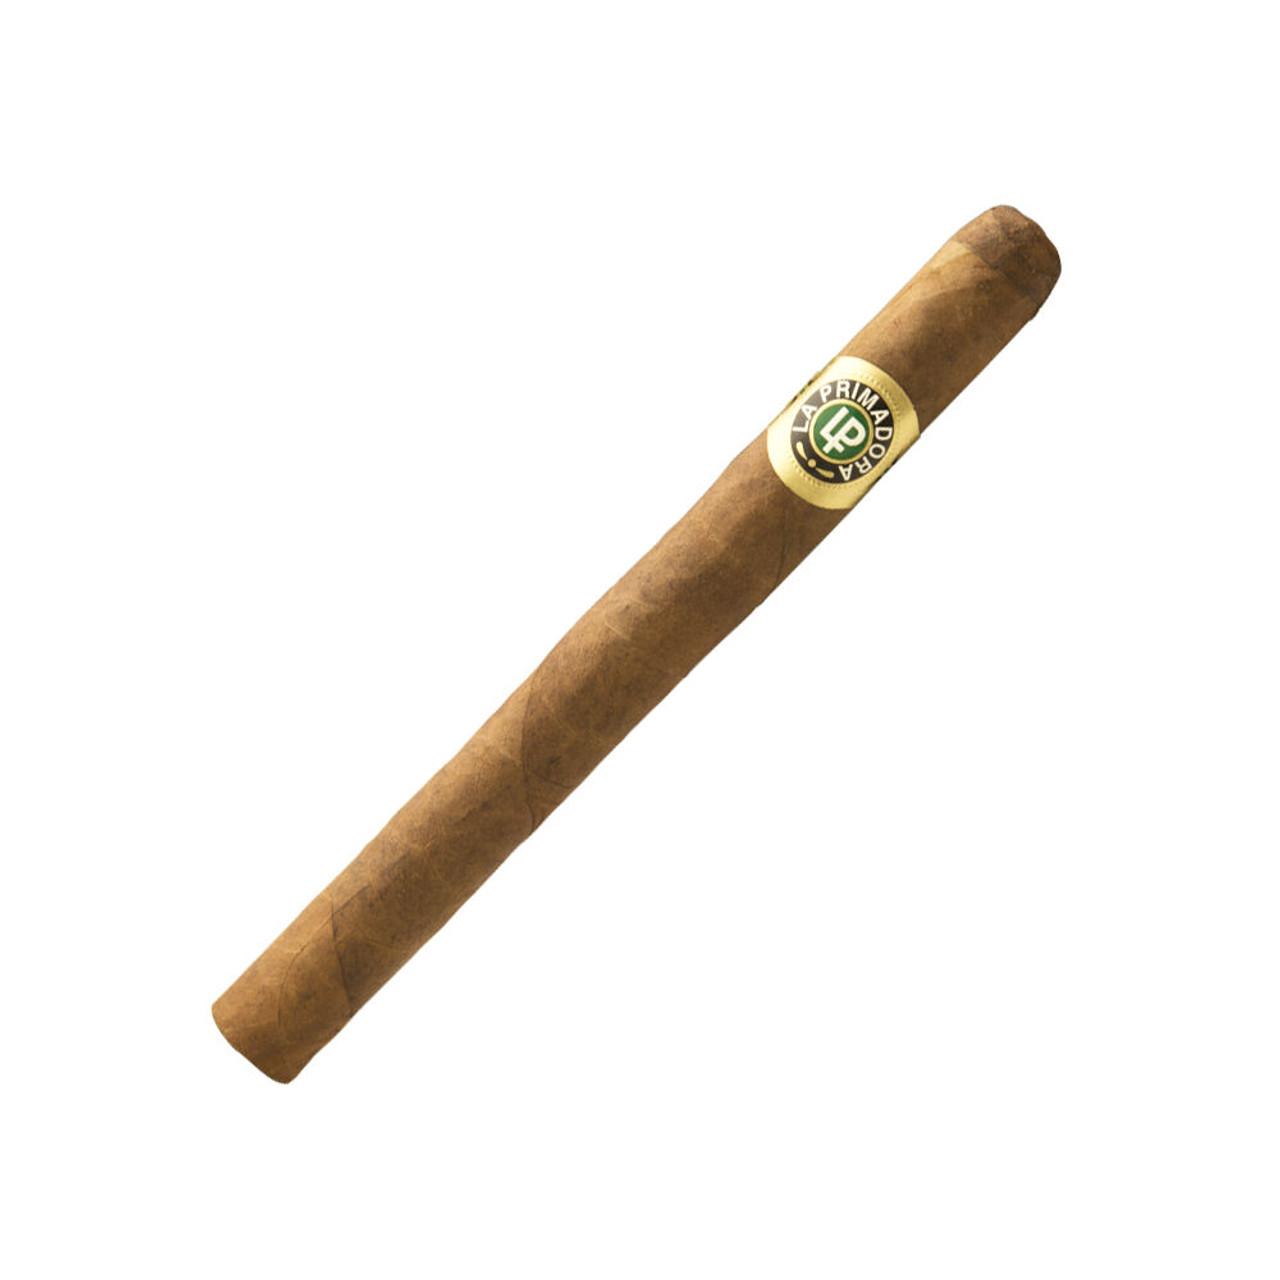 La Primadora Excellente Natural Cigars - 6 1/2 x 42 (Bundle of 25)